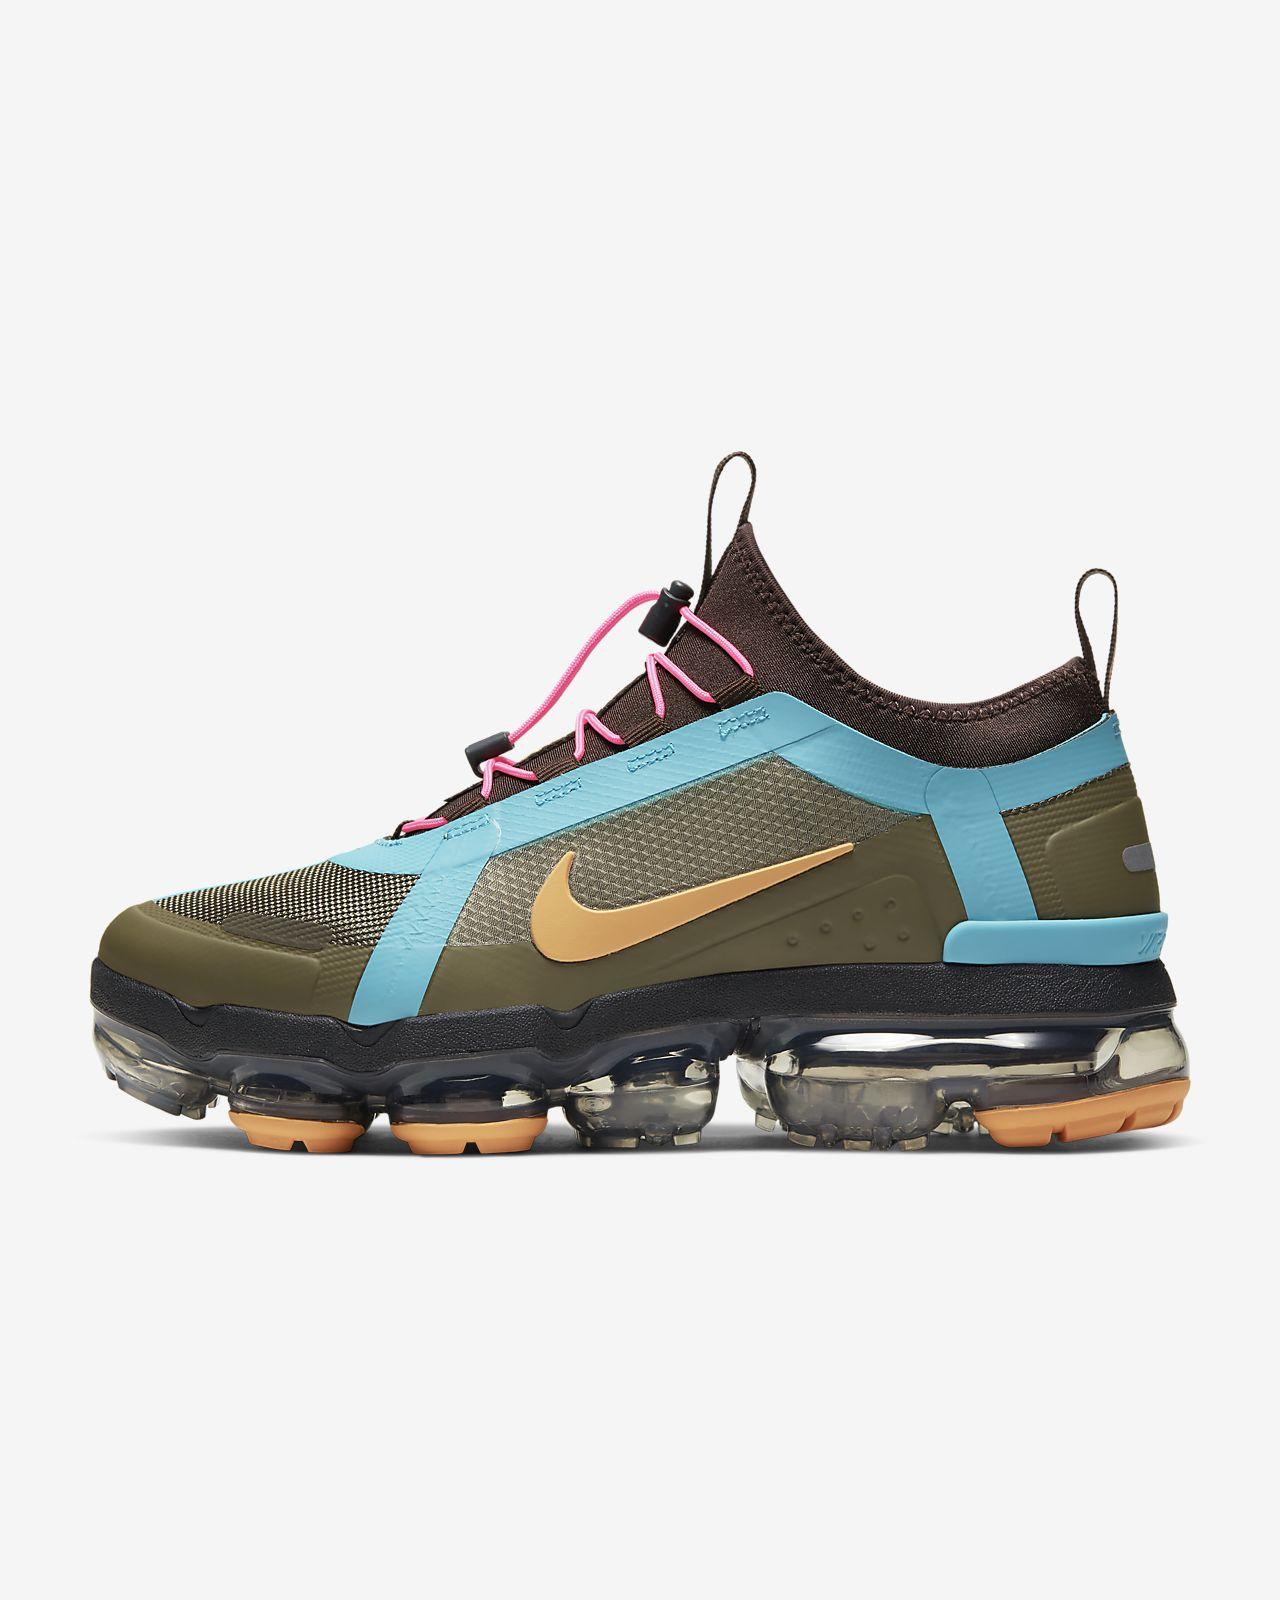 Sko Nike Air VaporMax 2019 Utility för kvinnor